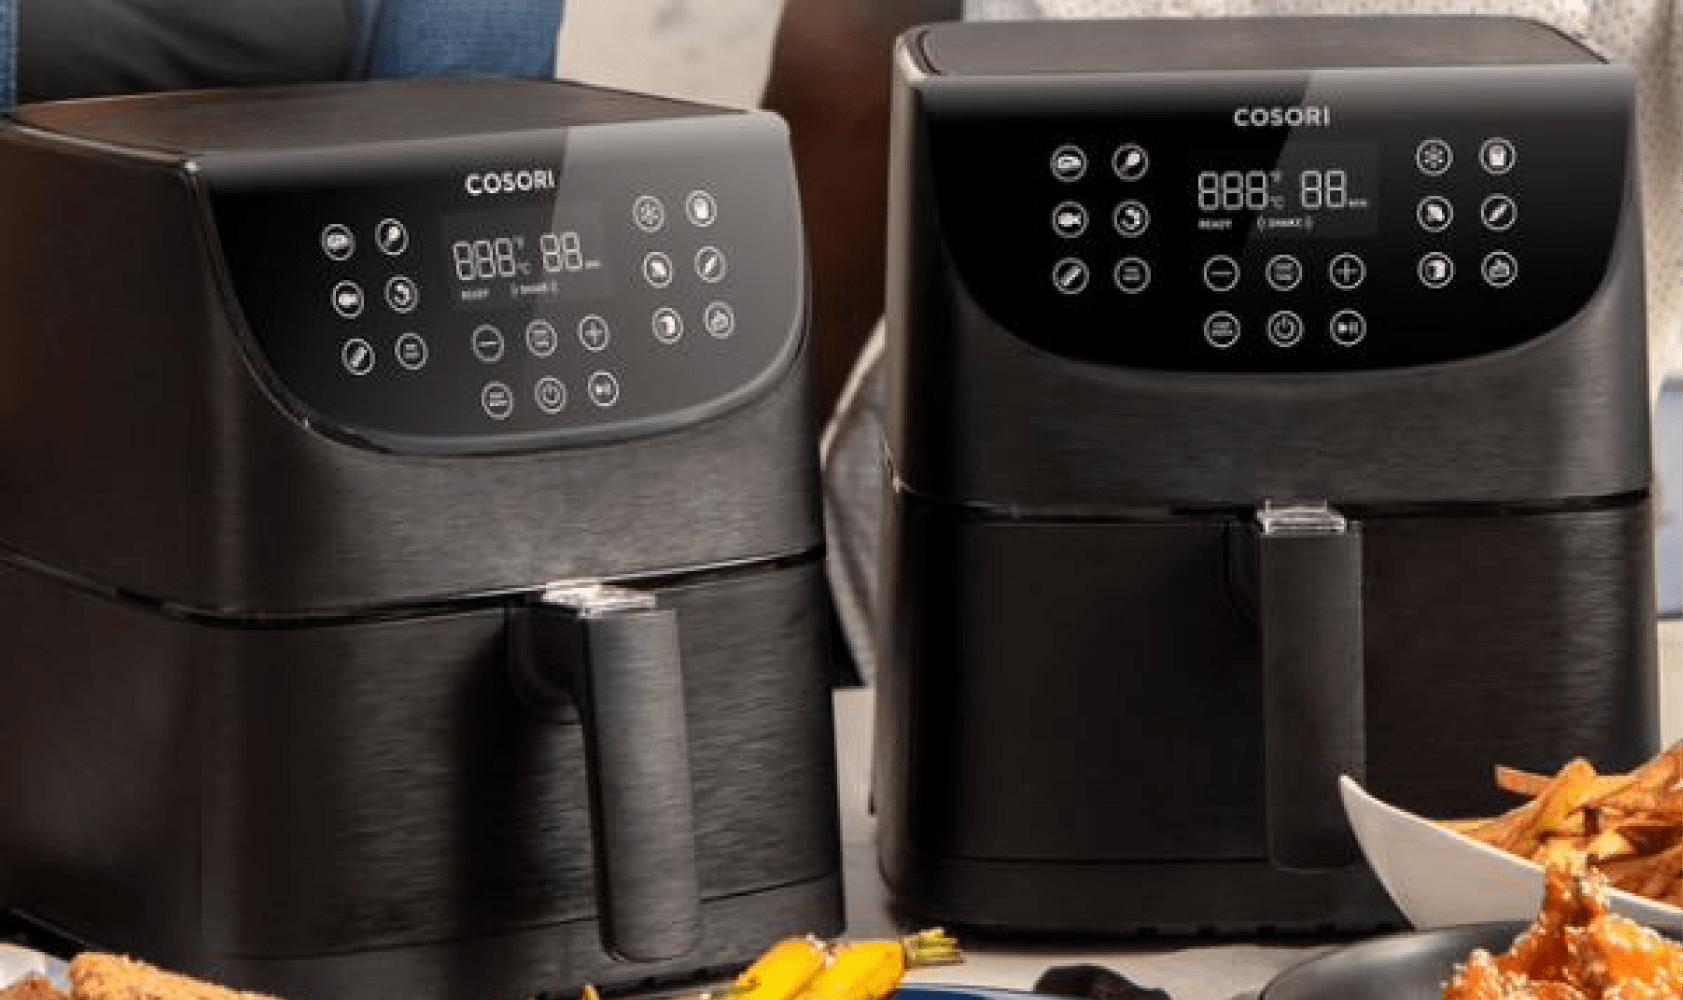 Cosori Quart 5.8 air fryer